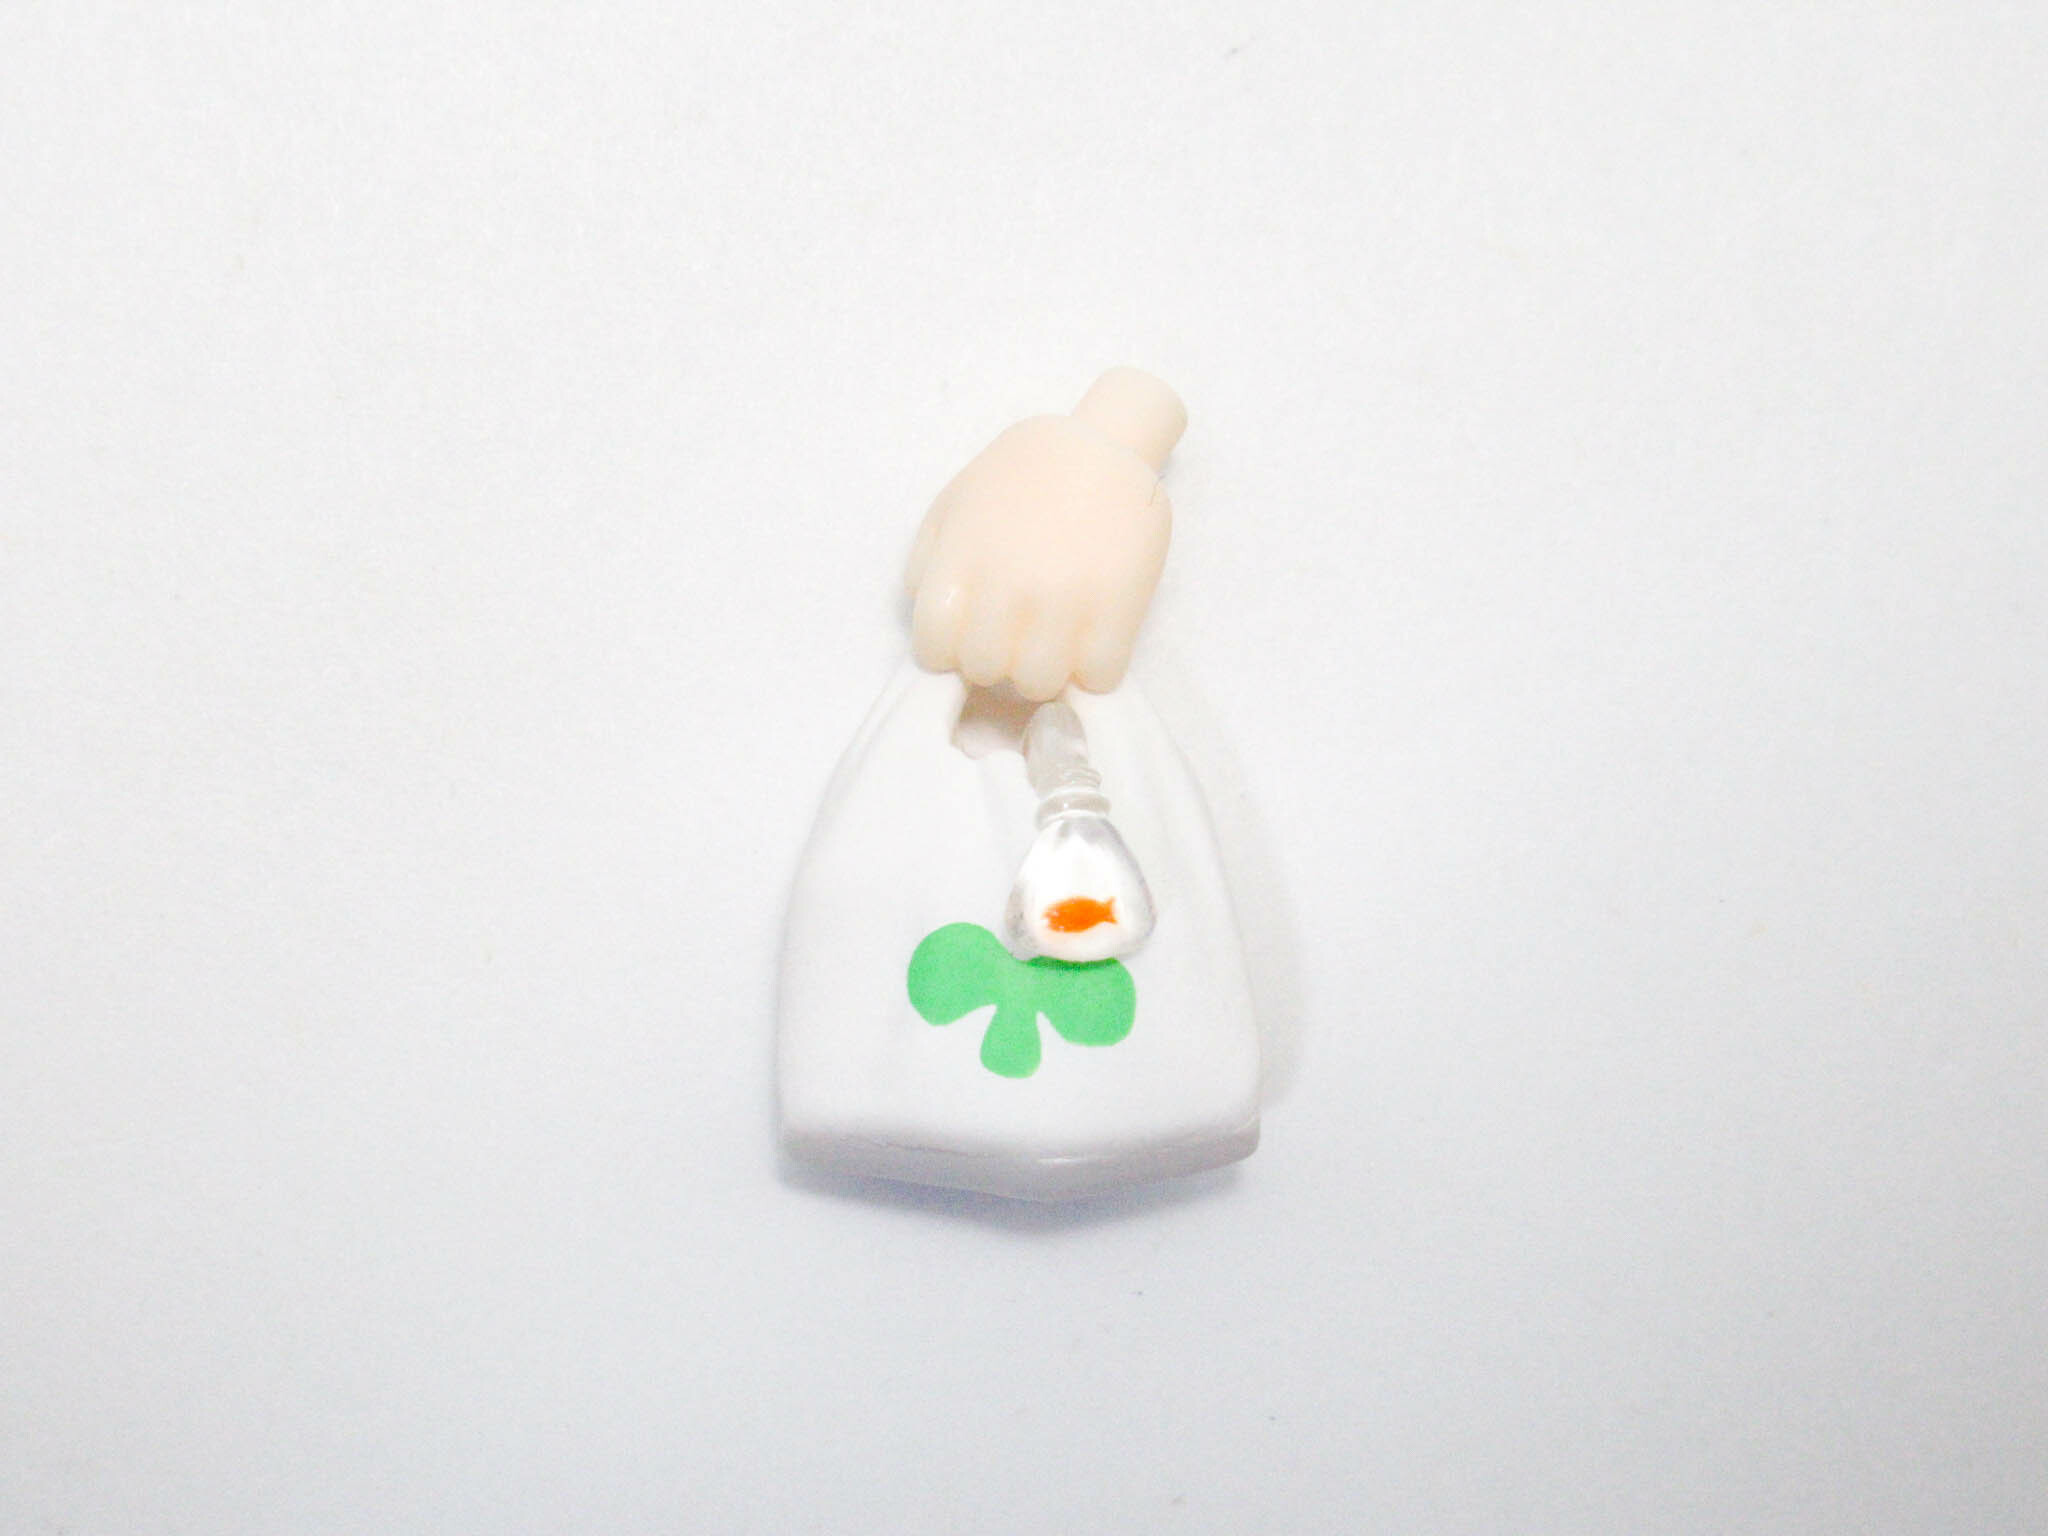 【SALE】【1096】 鳩羽つぐ 小物パーツ 買い物袋 ねんどろいど